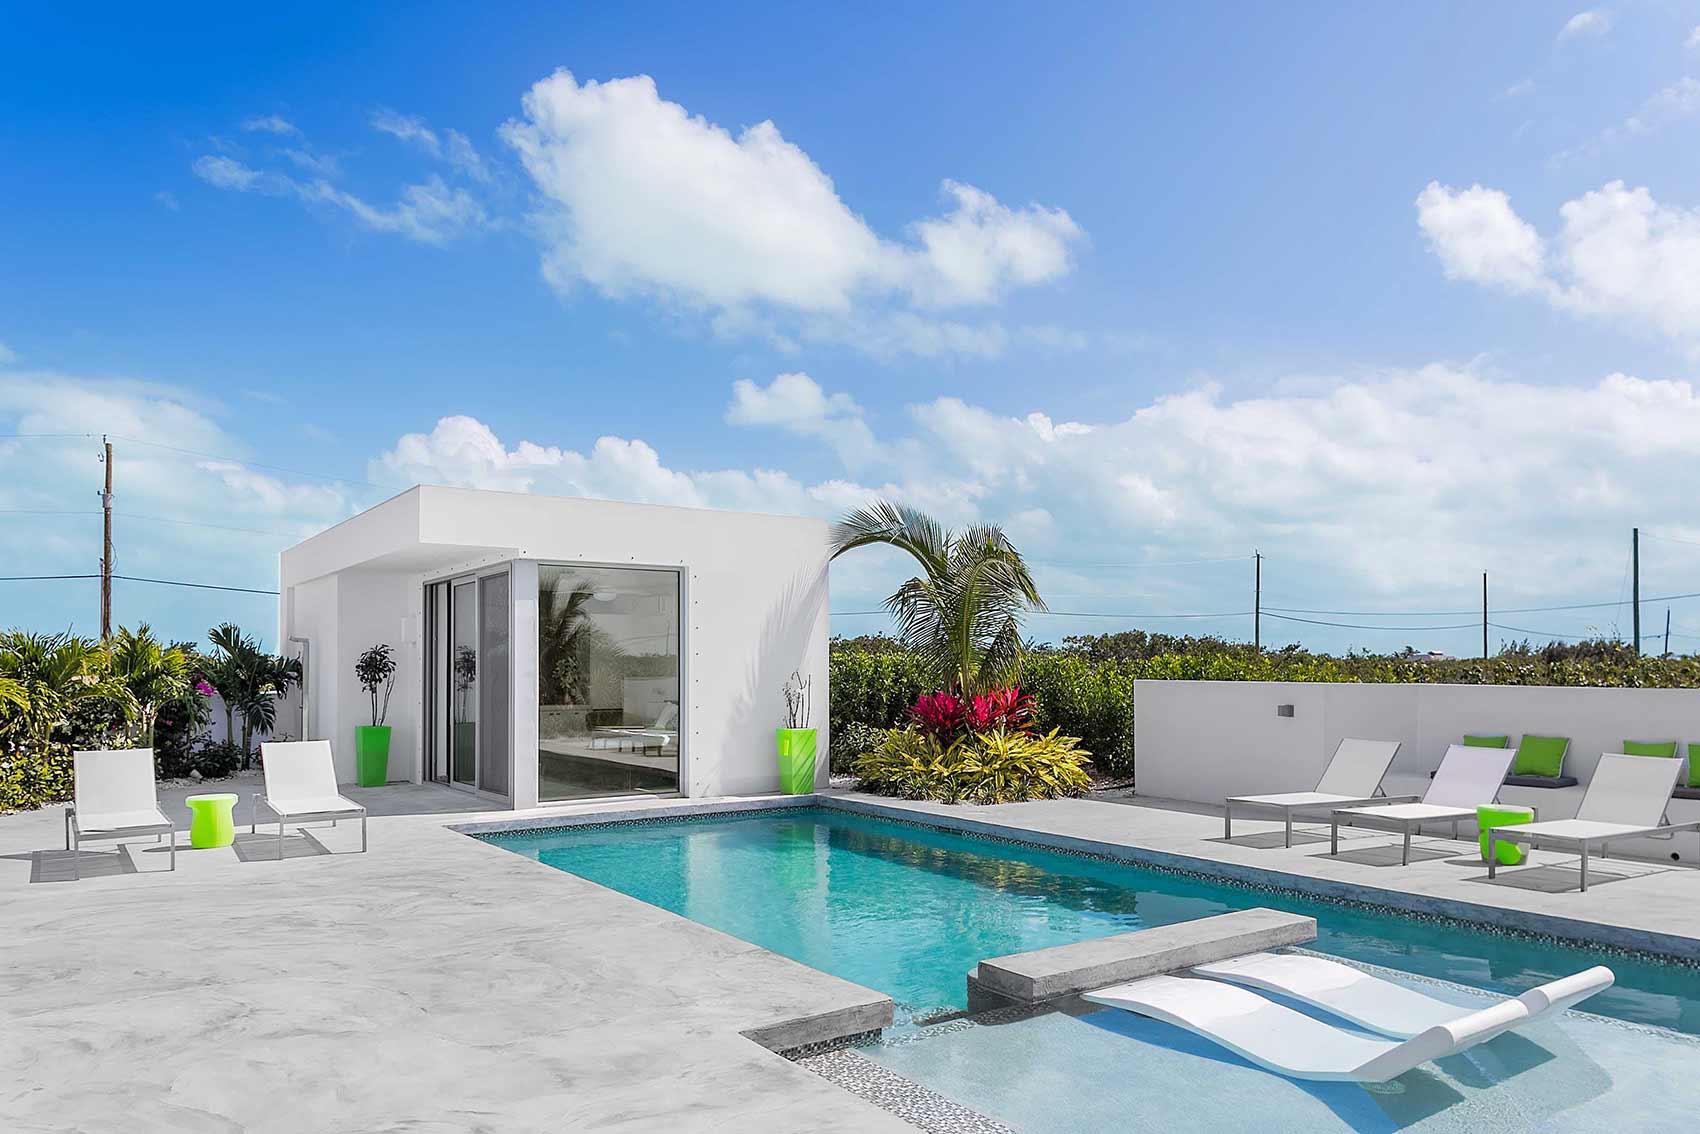 The luxury villa rental pool